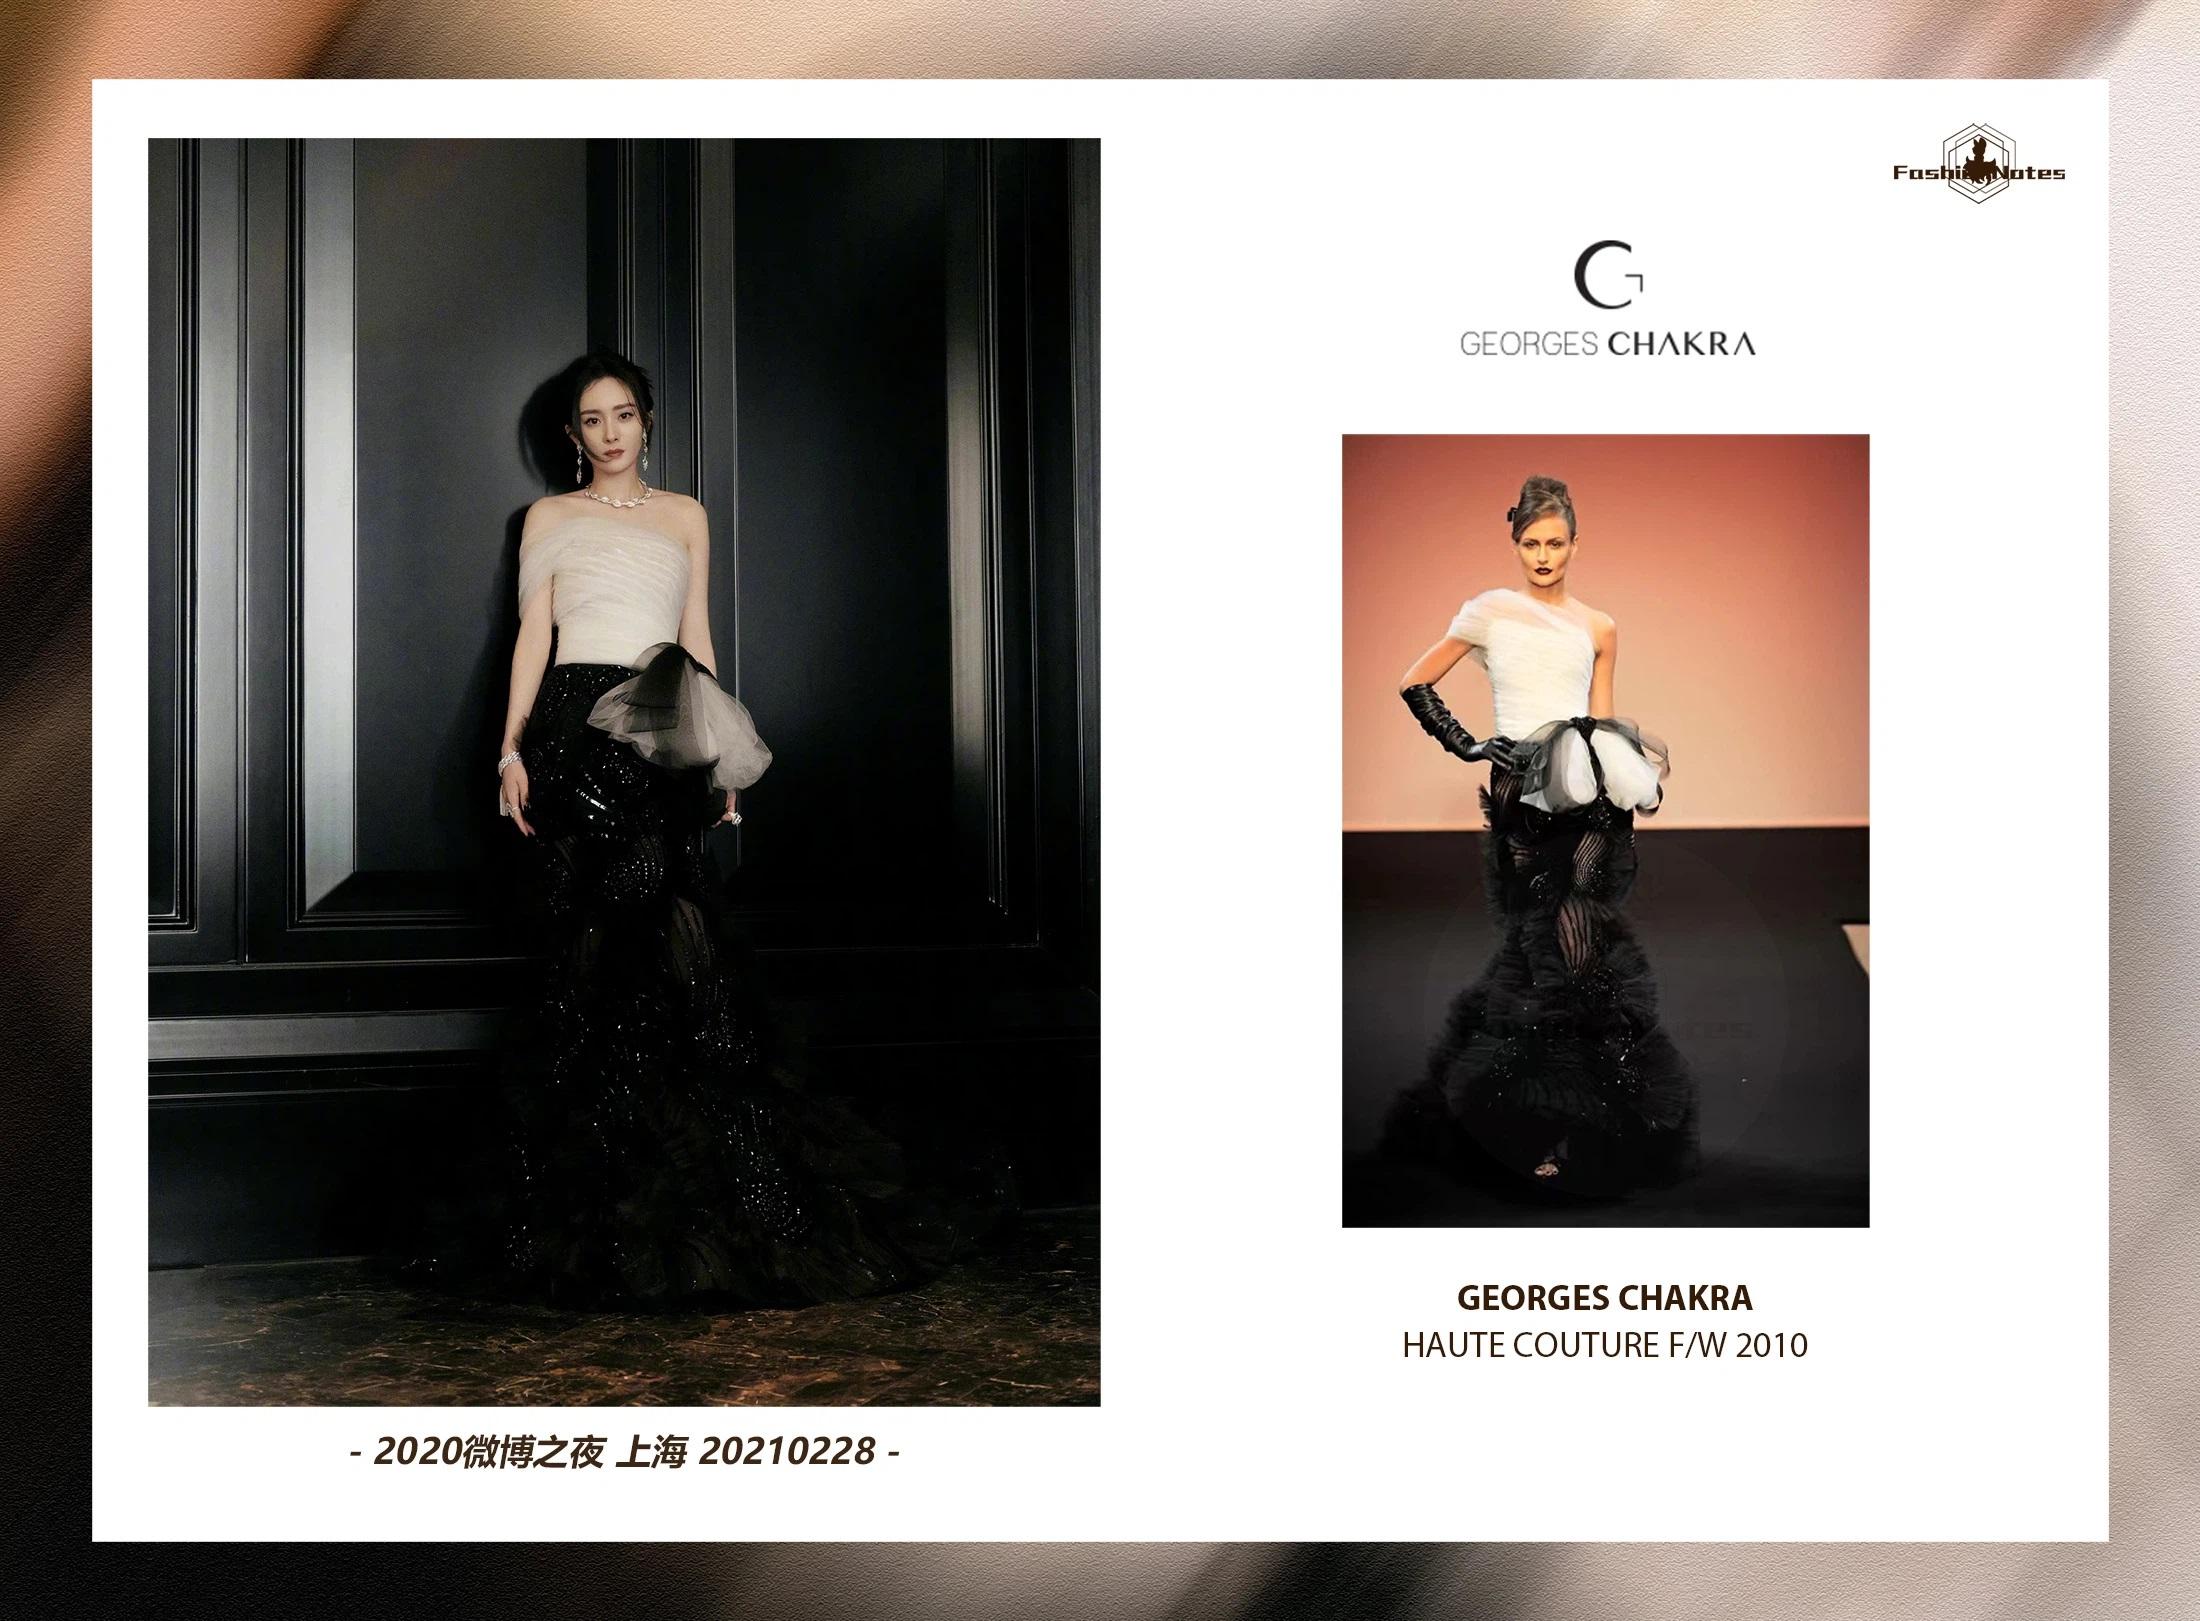 """Dương Mịch lao vào cuộc đua đồ cao cấp, đổi stylist để """"lấy le"""" diện đồ Haute Couture đi sự kiện nhưng vẫn bị dân tình chê bai - Ảnh 1."""